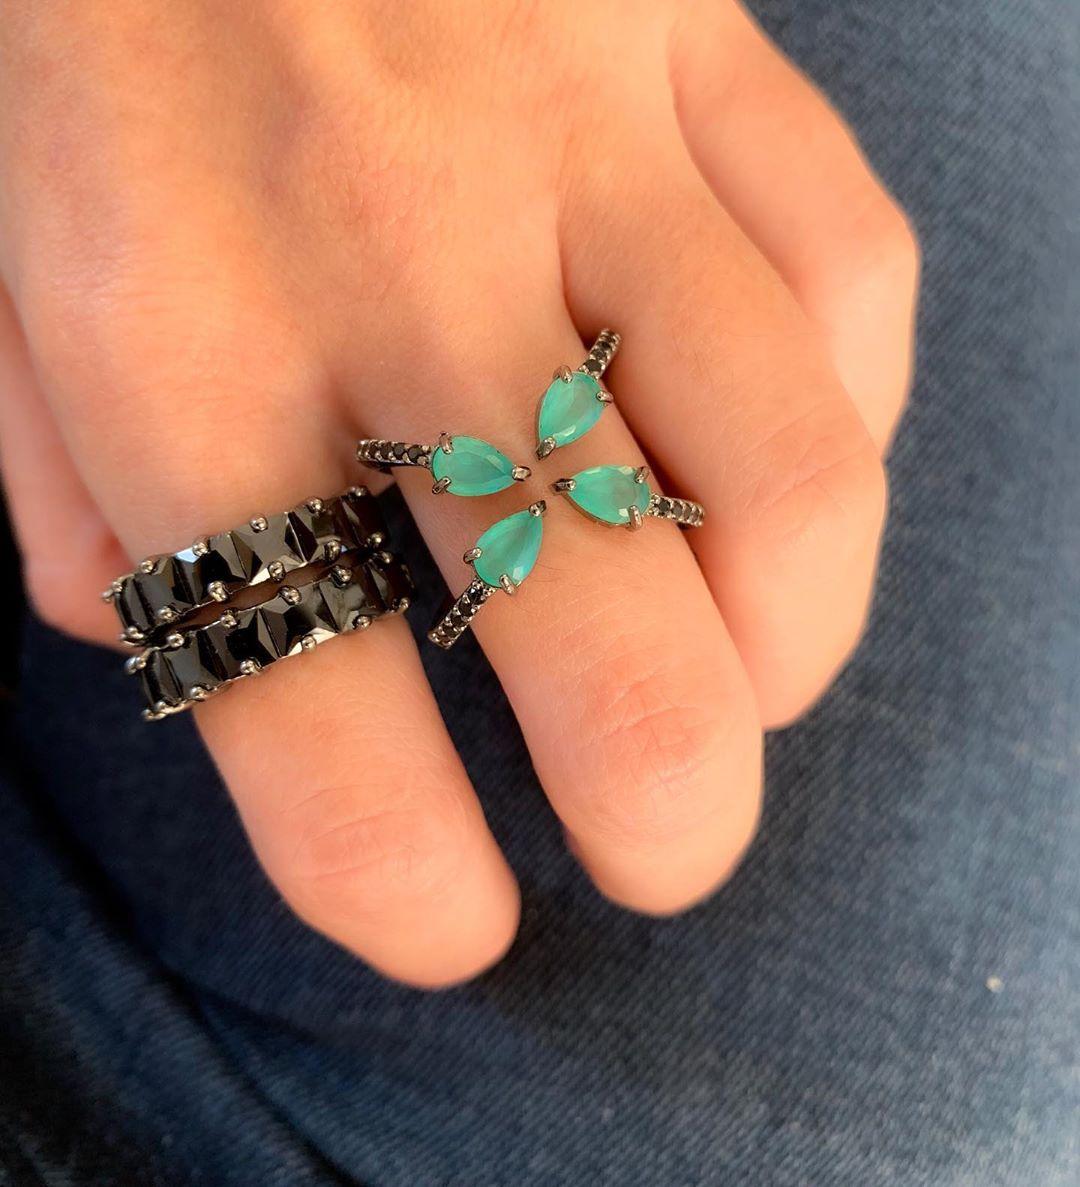 combinação de aneis verde